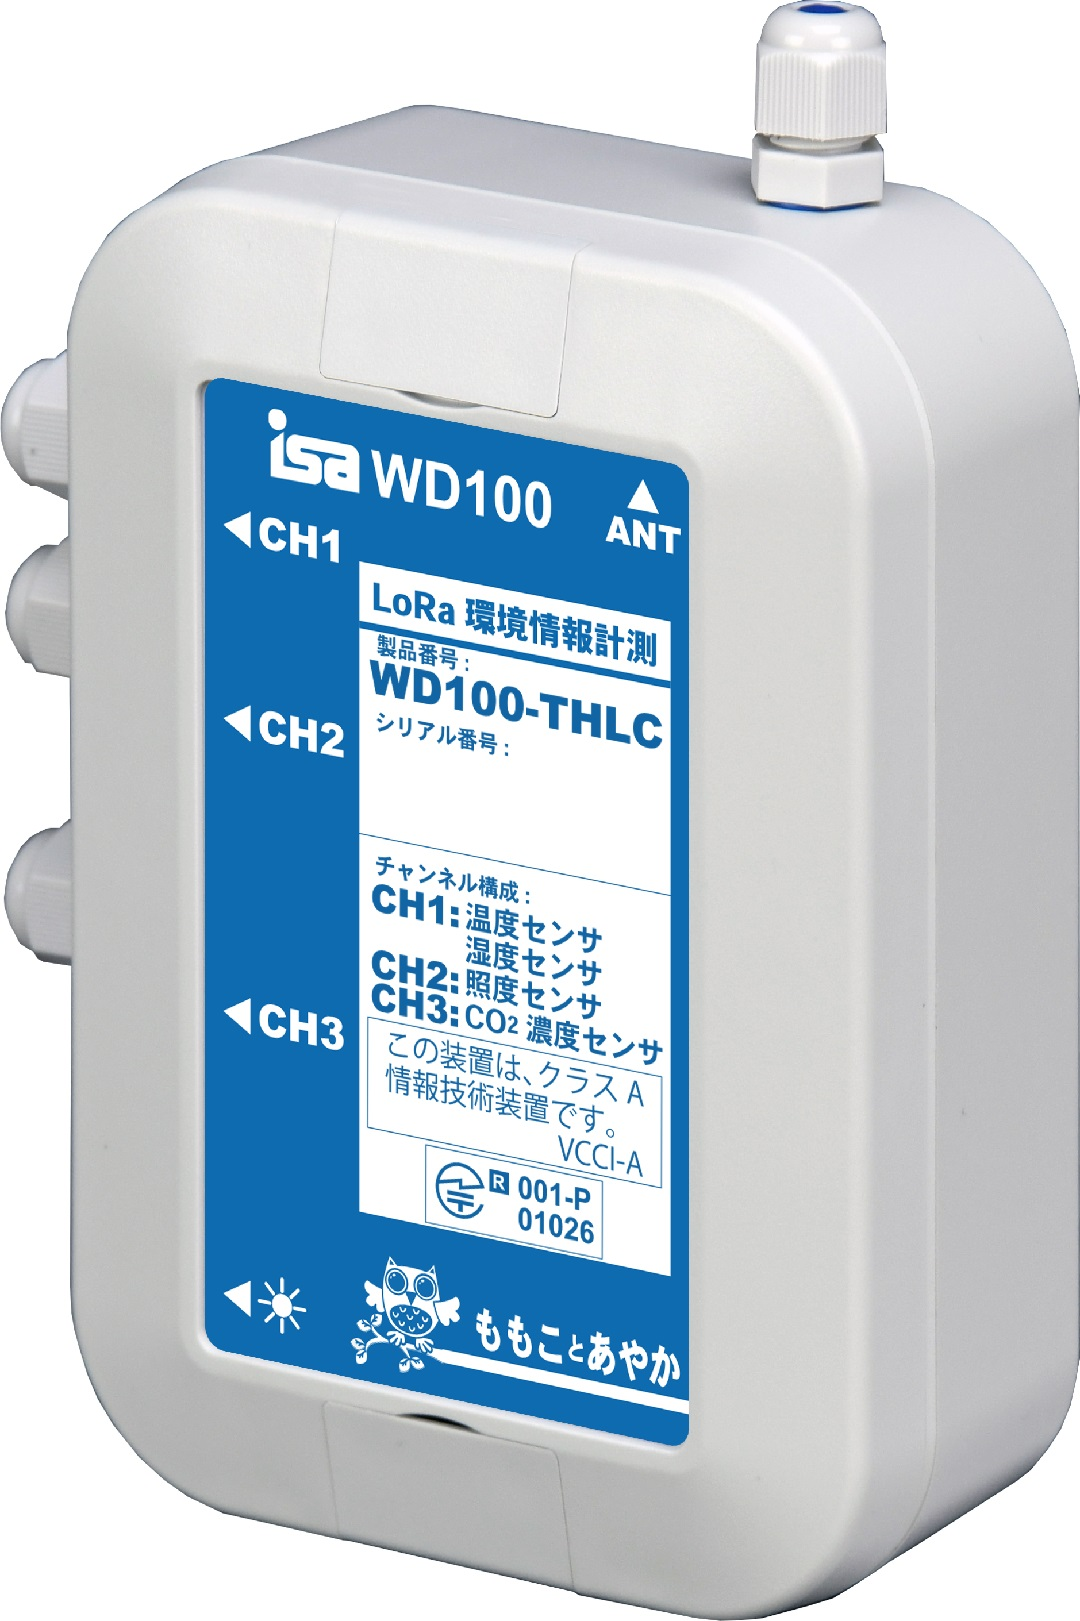 [ 無線通信 ] WD100-THLC画像